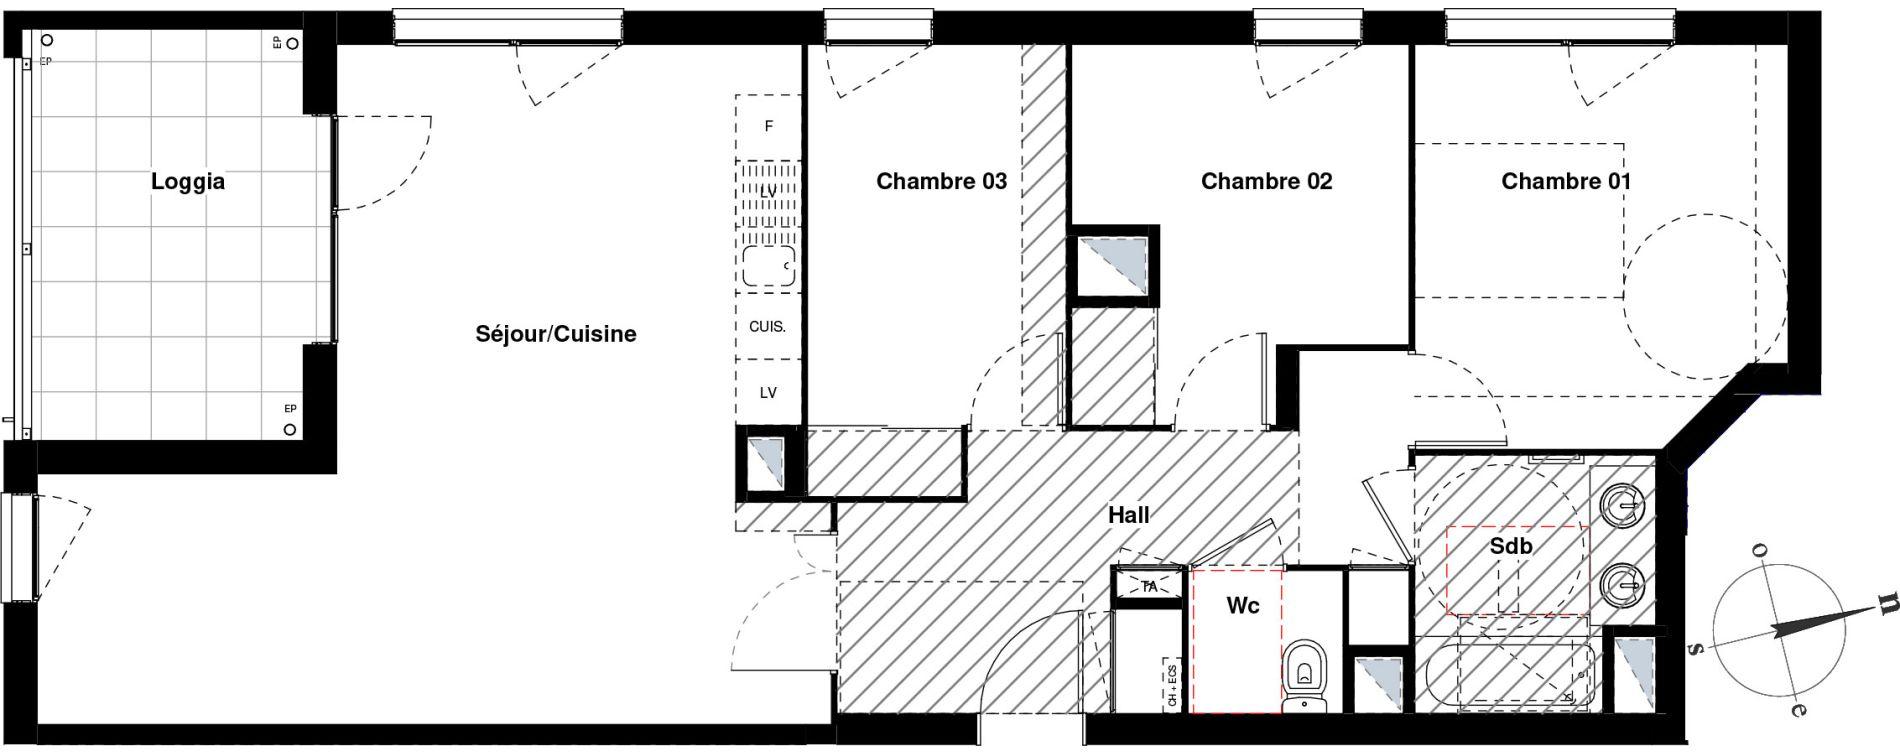 Appartement T4 de 79,83 m2 à Villeurbanne Gratte-ciel - dedieu - charmettes